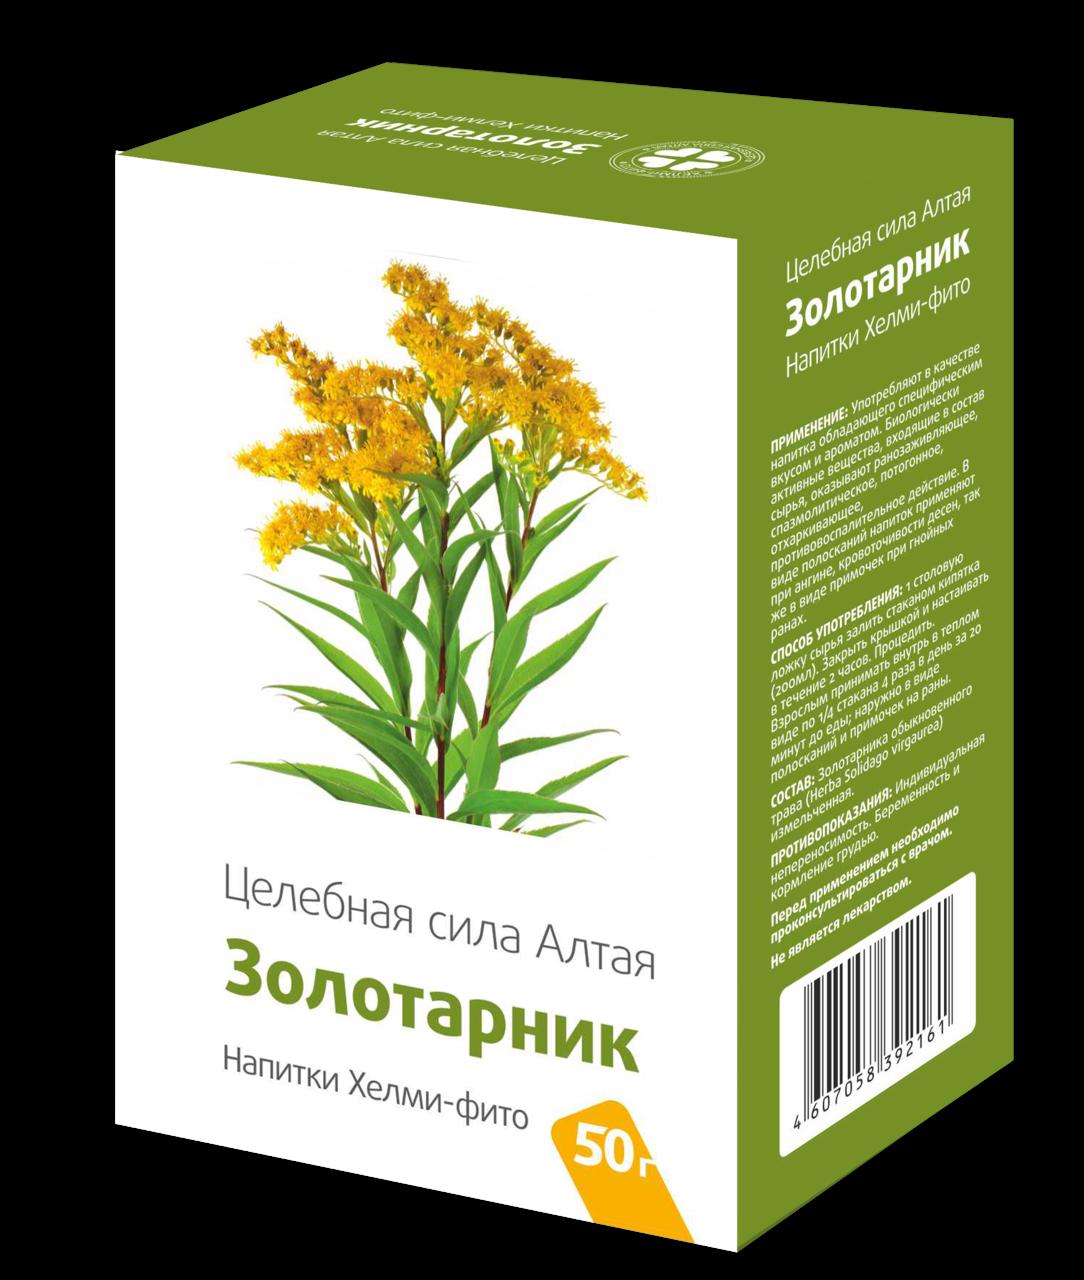 Золотарник: мощная целебная сила ядовитой травы. как не допустить ошибок при использовании